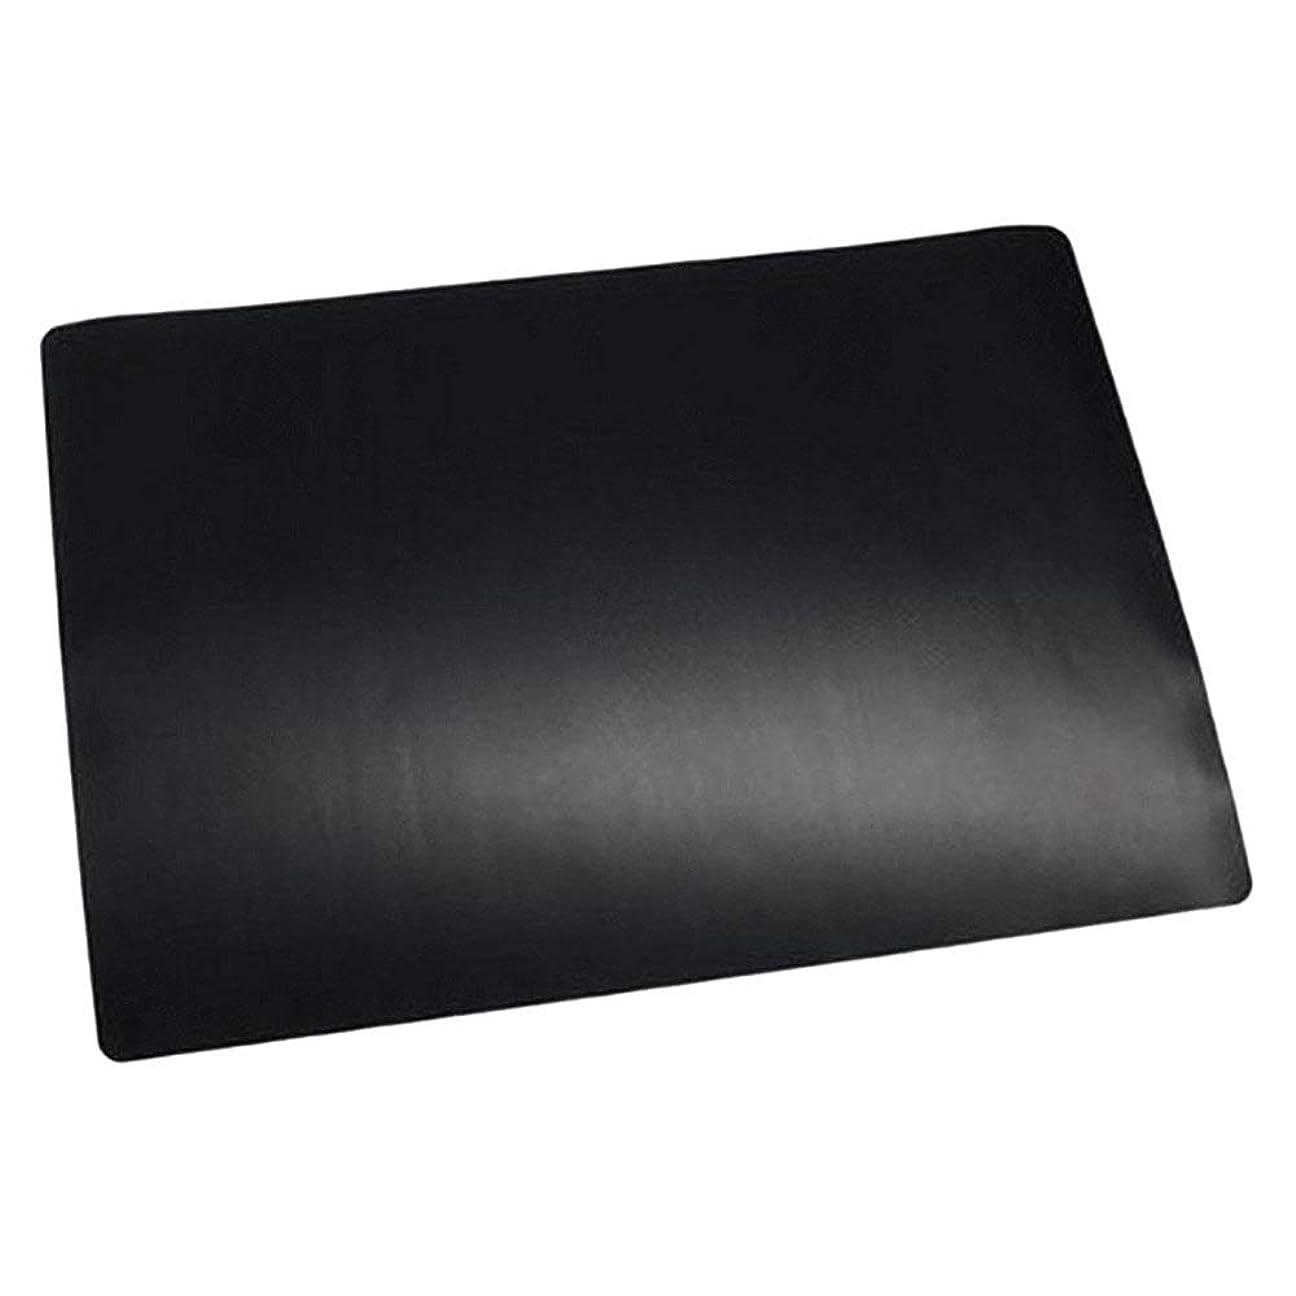 人里離れた変数樫の木Refaxi 銅バーベキューグリルマットノンスティック再利用可能な耐熱バーベキューパッドシート